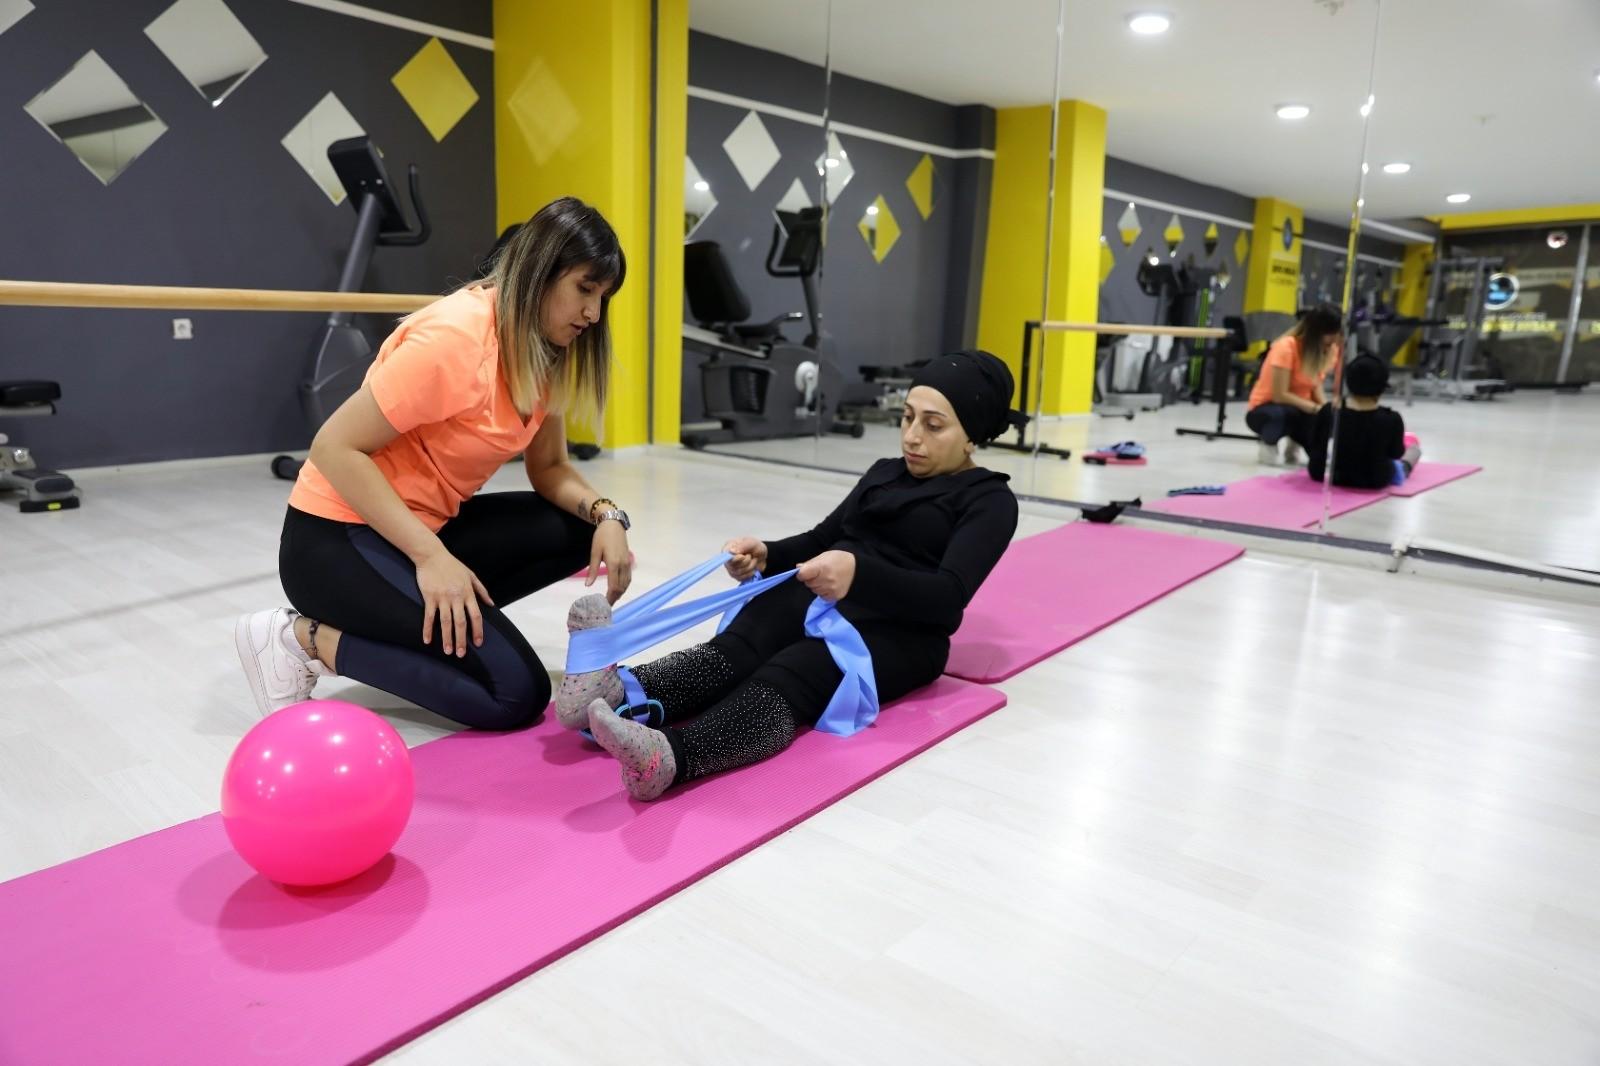 İpekyolu Belediyesi Kadın Spor Merkezi şifa kapısı oldu - Van Haberleri